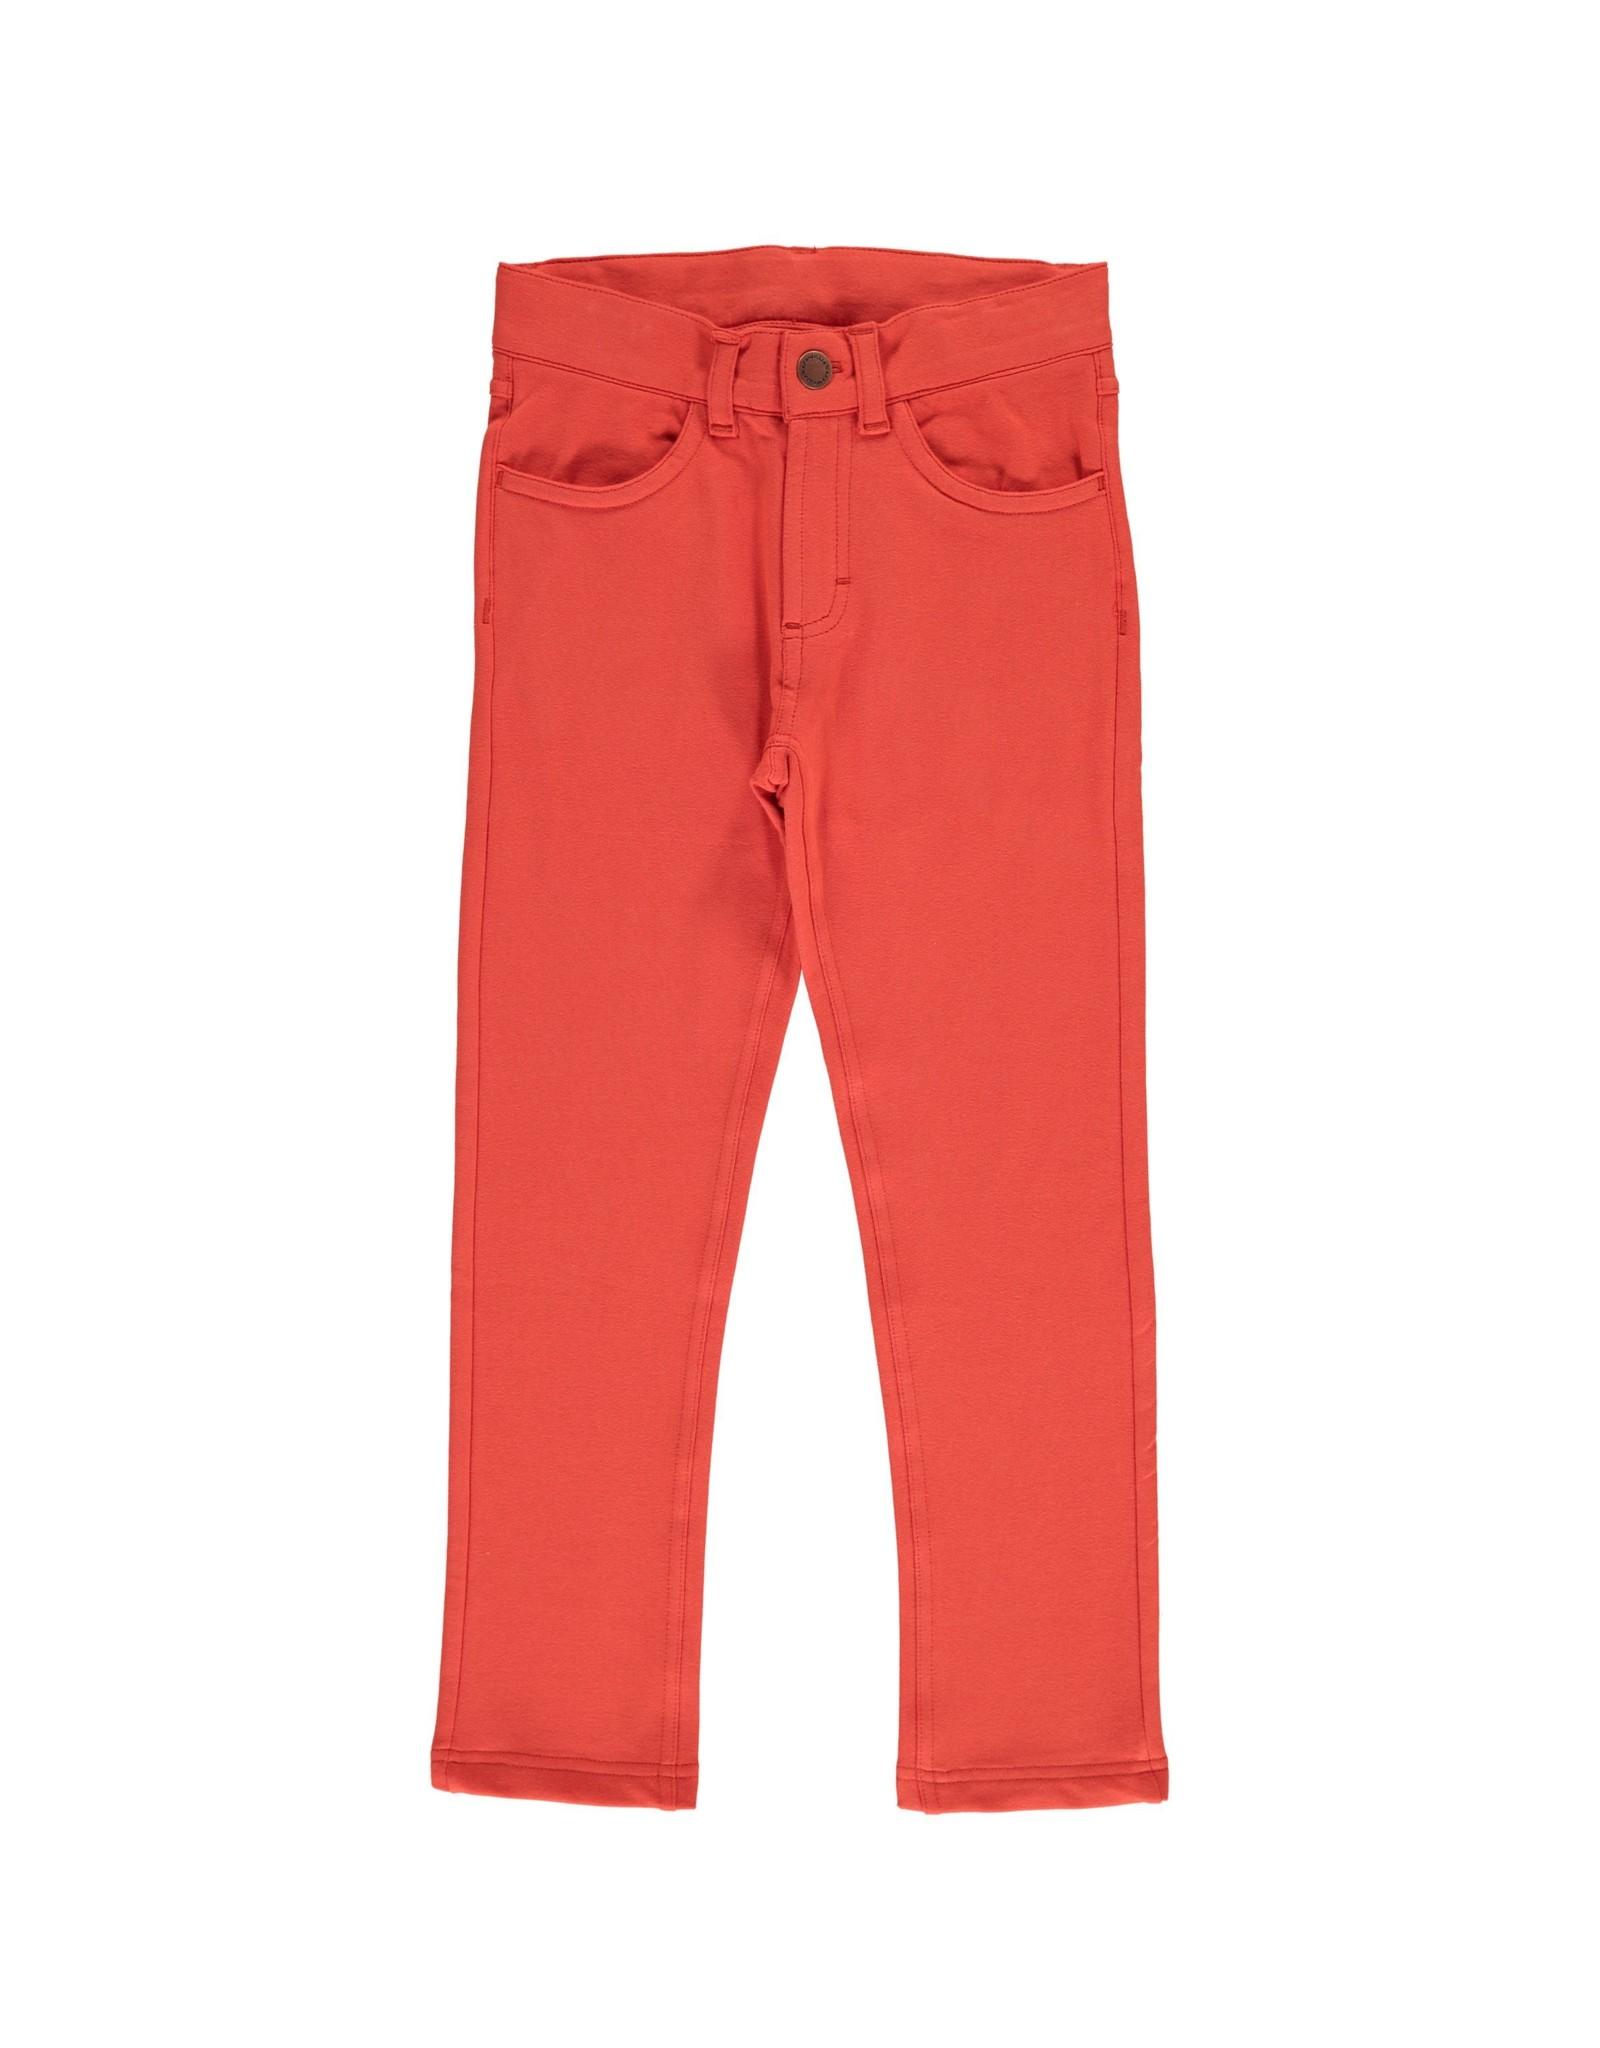 Maxomorra Effen rowan oranje rode super zachte unisex broek